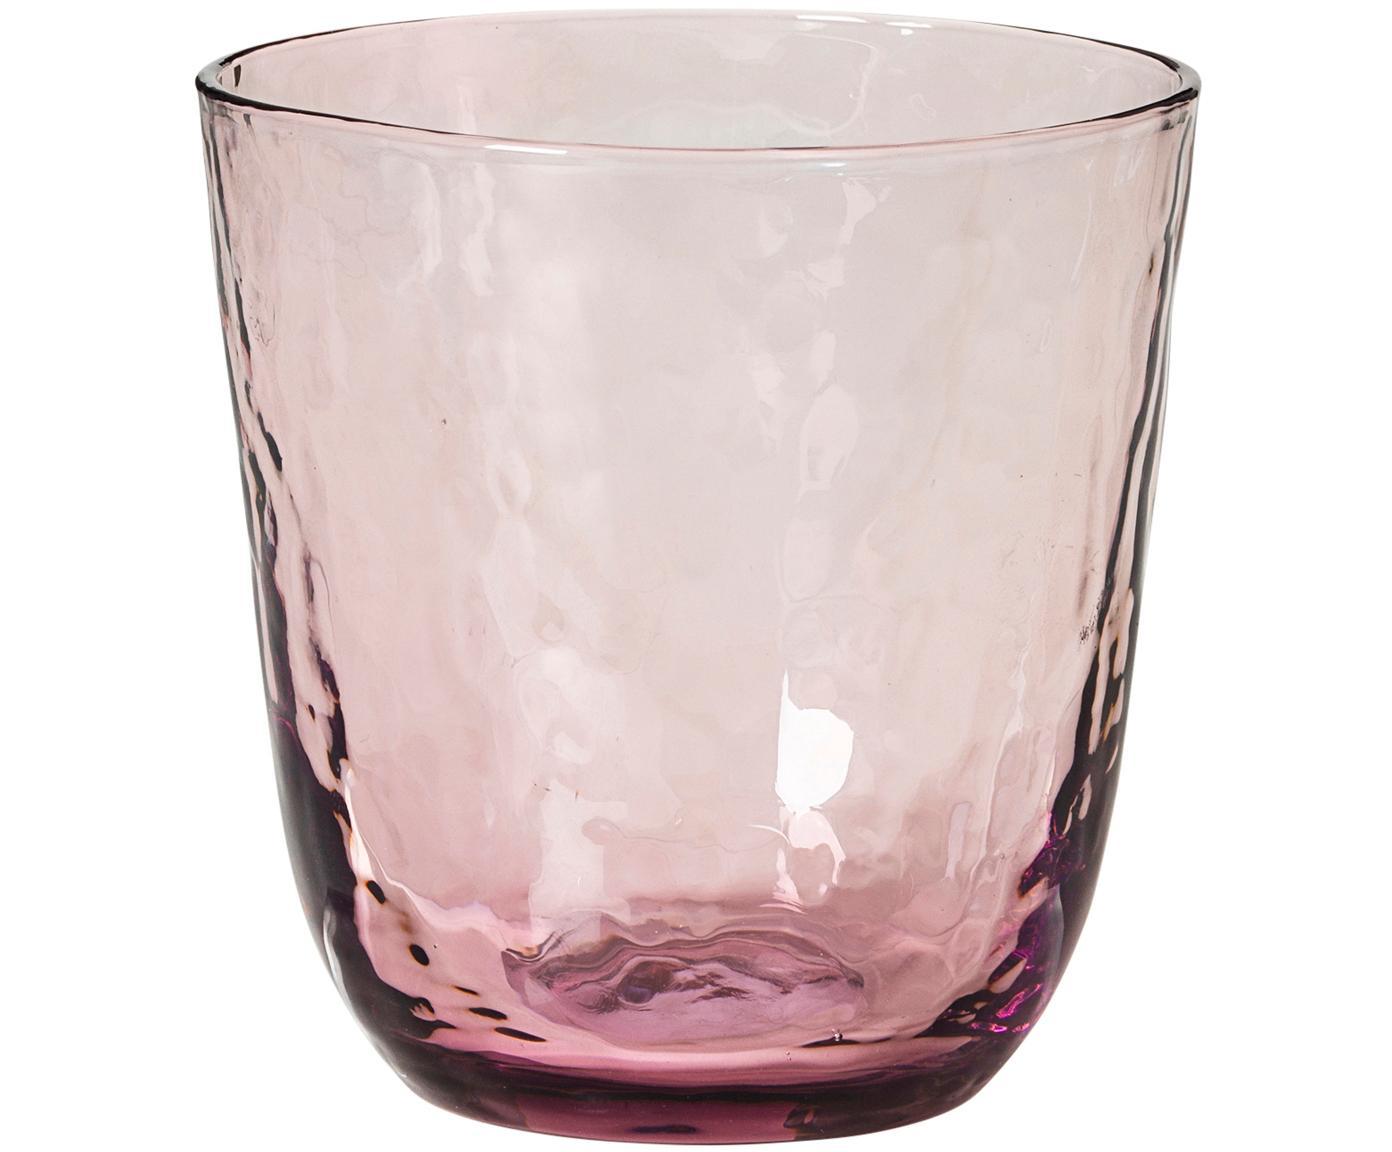 Bicchiere acqua in vetro soffiato Hammered 4 pz, Vetro soffiato, Lilla trasparente, Ø 9 cm x Alt. 10 cm